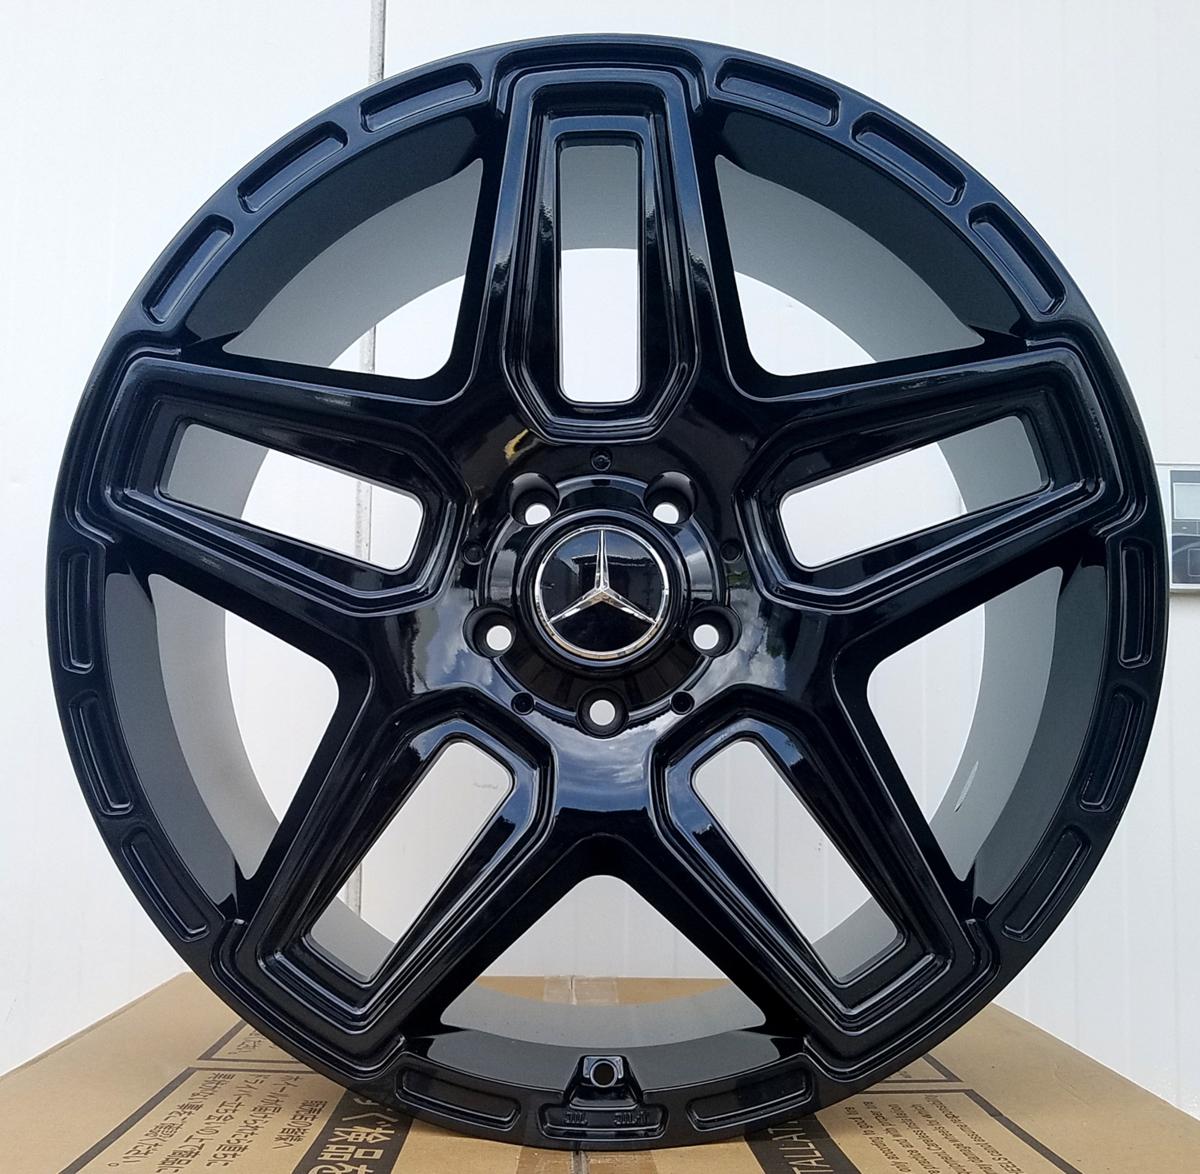 国産タイヤset LEXXEL Anthem メルセデス ベンツ Gクラス ゲレンデ G63 G65 G550 G500 G350 ファルケン S/TZ05 285/45R22 22インチ_画像4